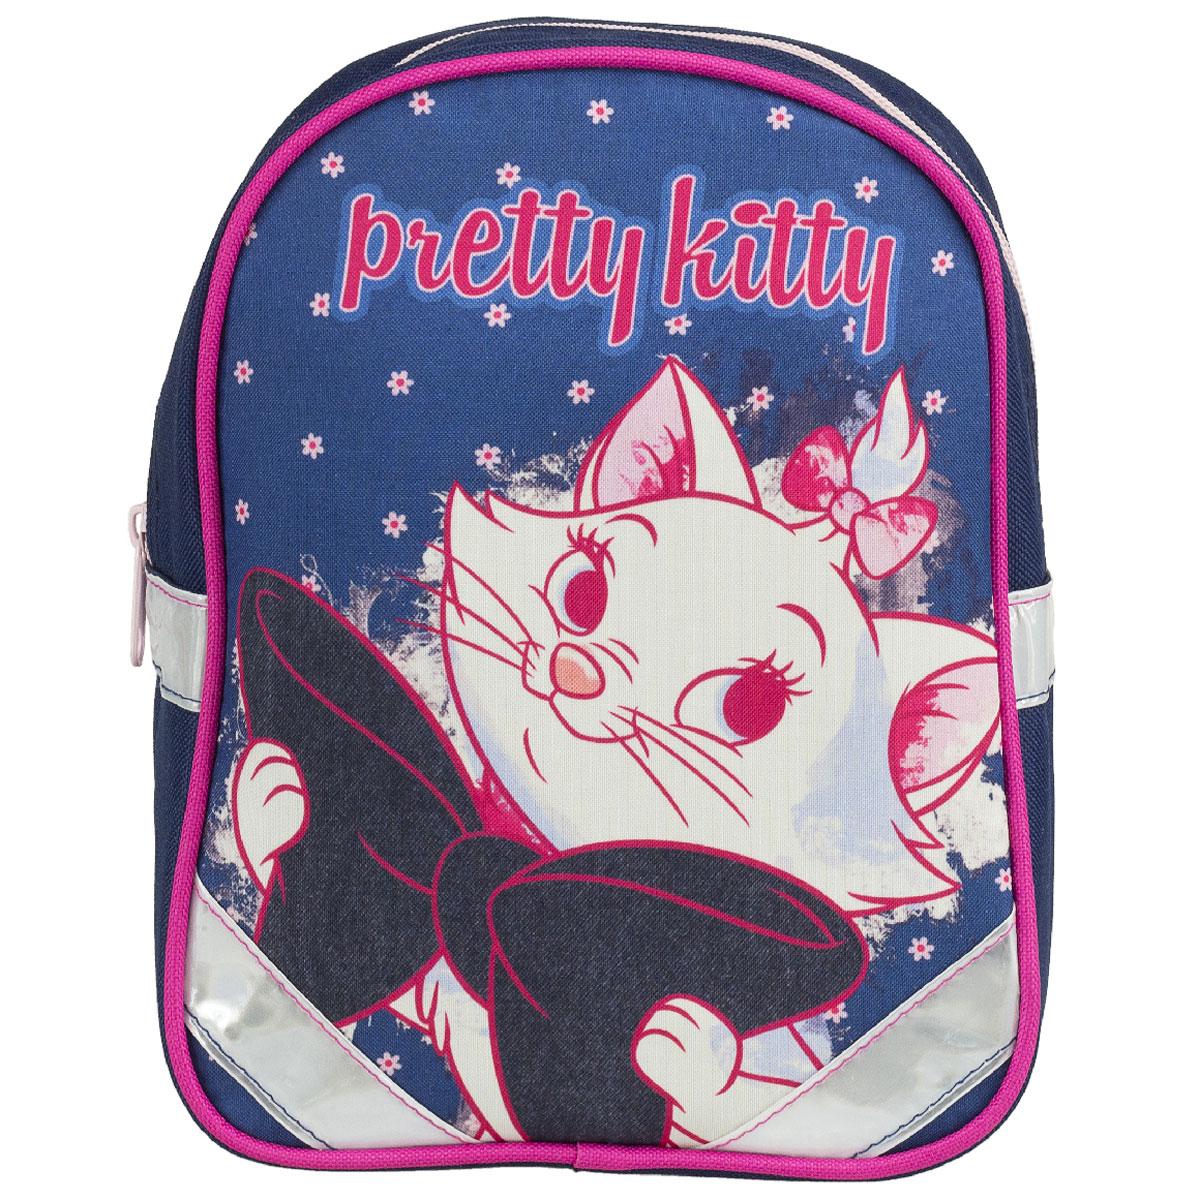 Рюкзак детский Kinderline Marie Cat, цвет: синий, белый, розовыйMCCB-UT1-531Рюкзак детский Kinderline Marie Cat выполнен из износоустойчивых материалов с водонепроницаемой основой, декорирован ярким рисунком. Рюкзак имеет одно вместительное основное отделение, закрывающееся на молнию. Ранец оснащен светоотражателями, удобной ручкой для переноски и двумя широкими лямками, регулируемой длины. С модным рюкзаком Marie Cat ваша малышка будет звездой! Стильный и продуманный до мелочей рюкзак позаботится о том, чтобы прогулки доставляли ребенку только удовольствие.